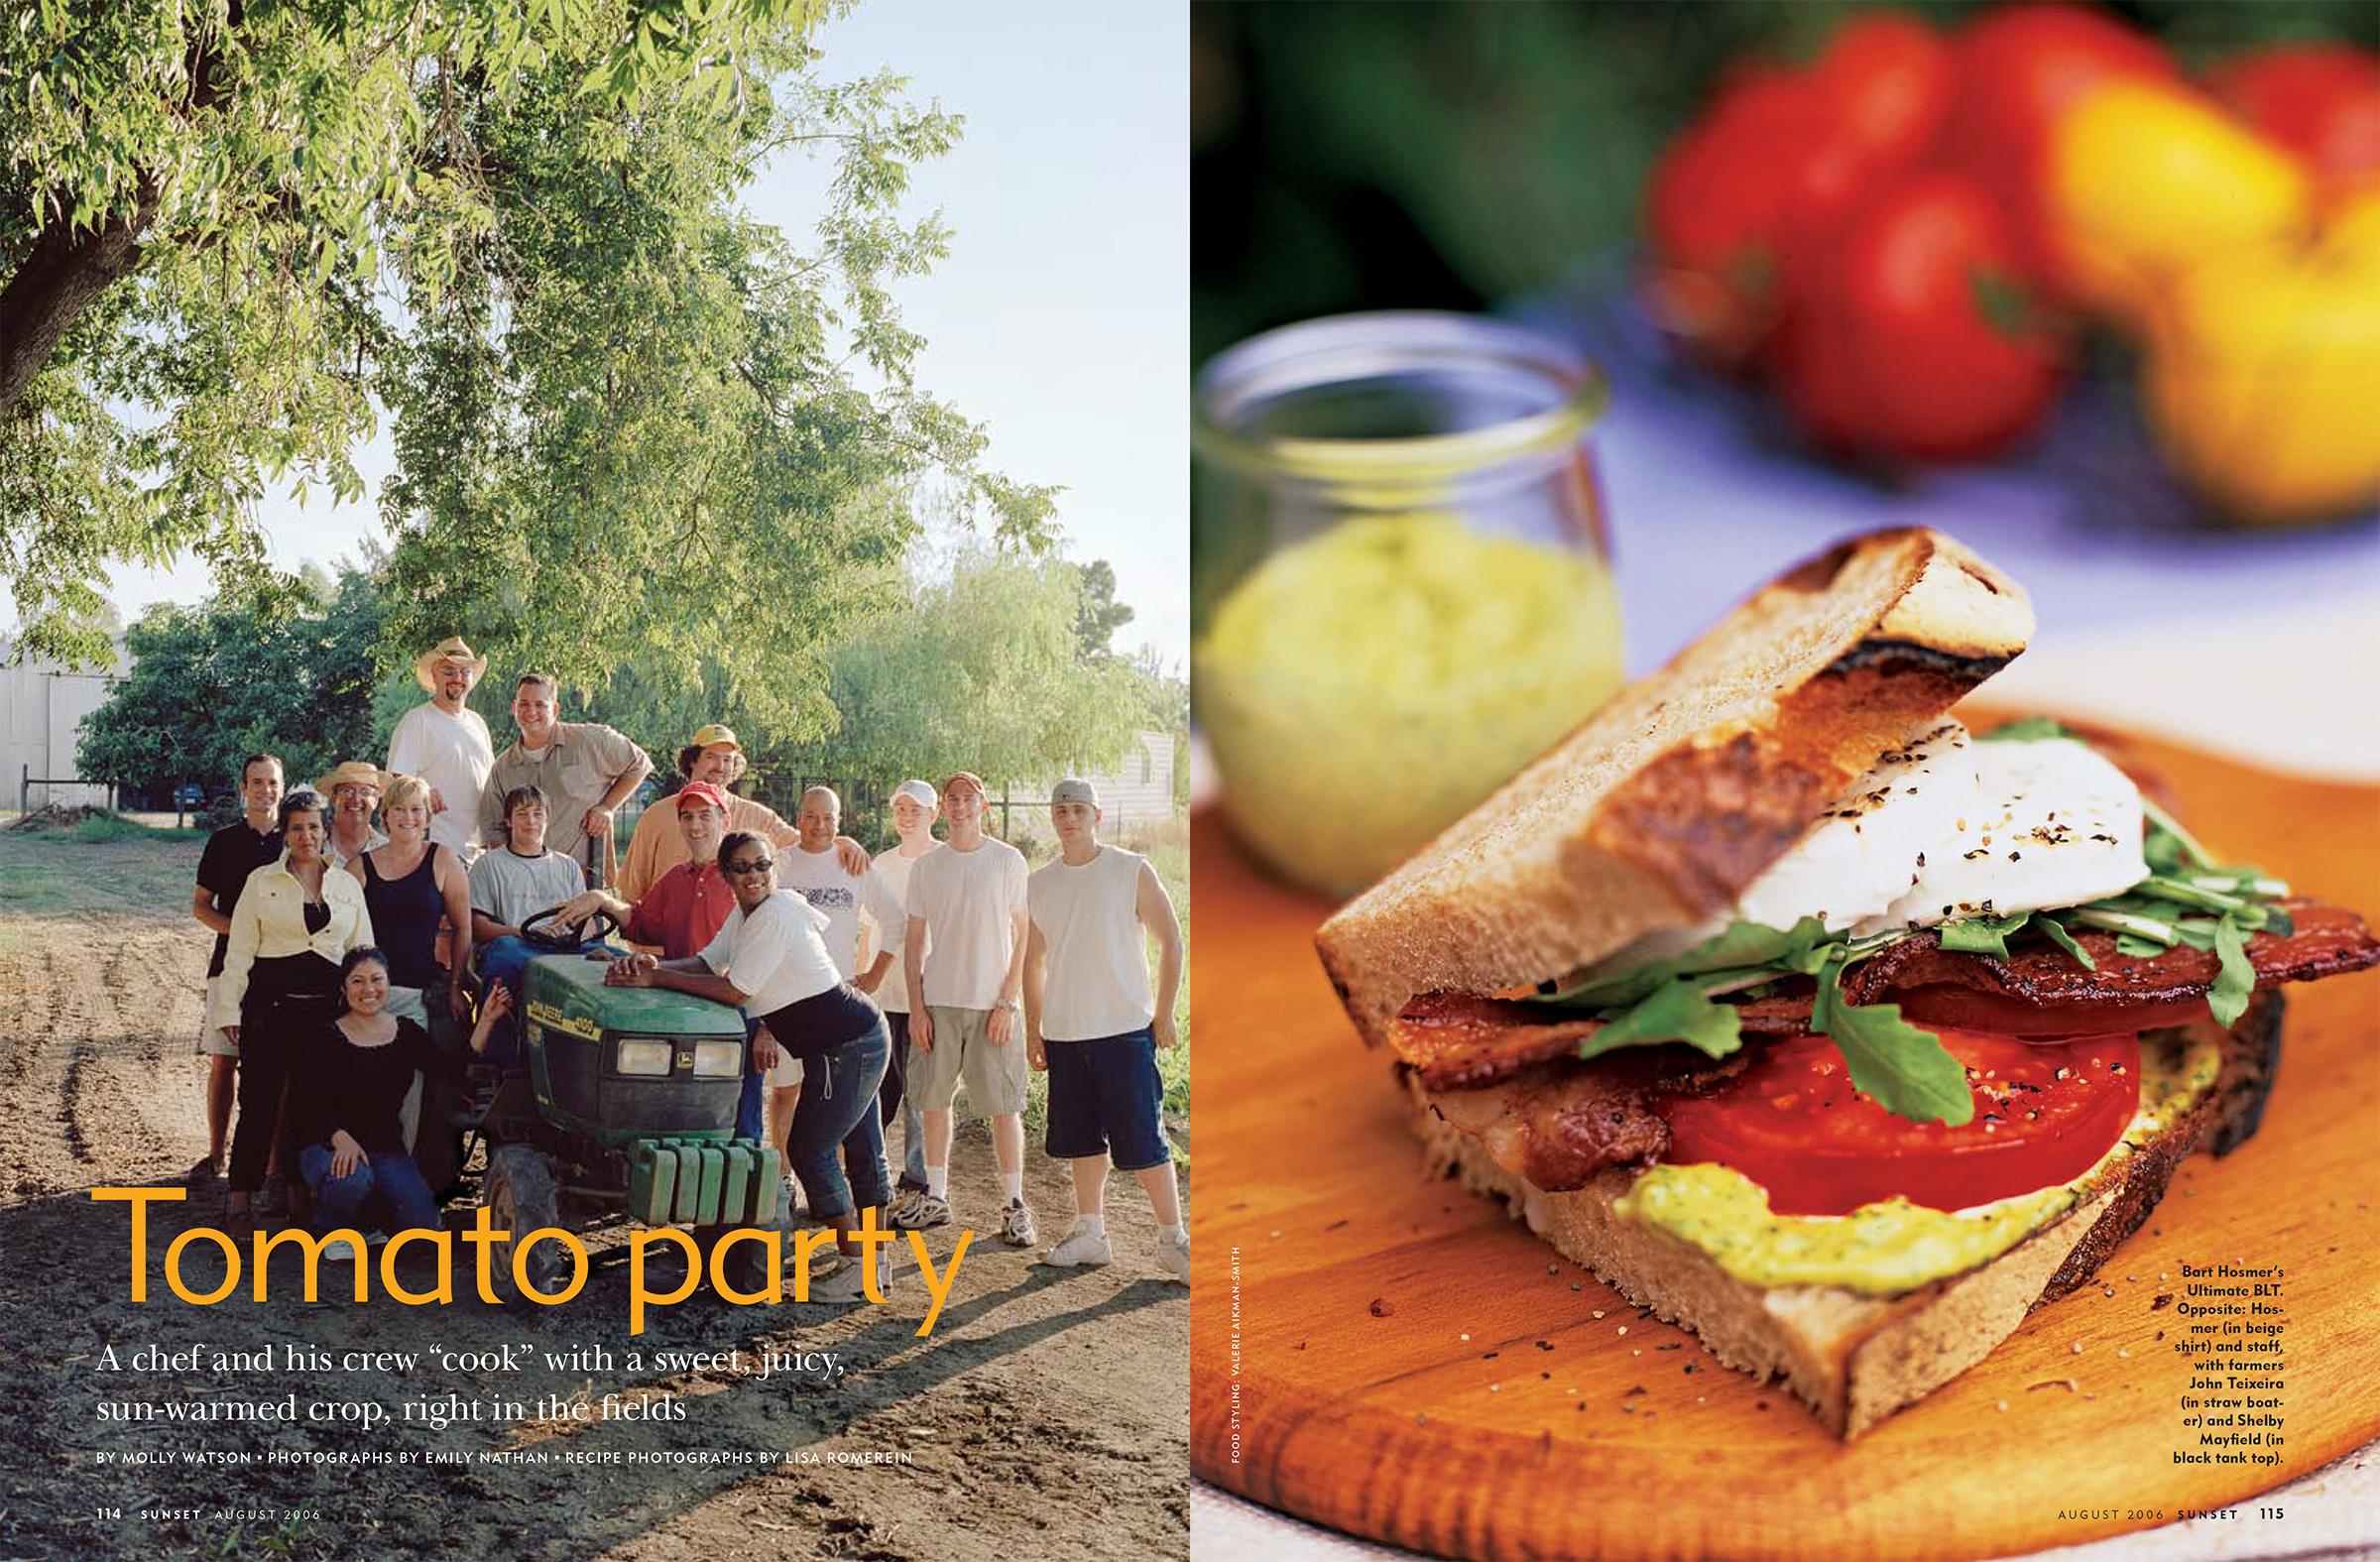 Tomato Party spread